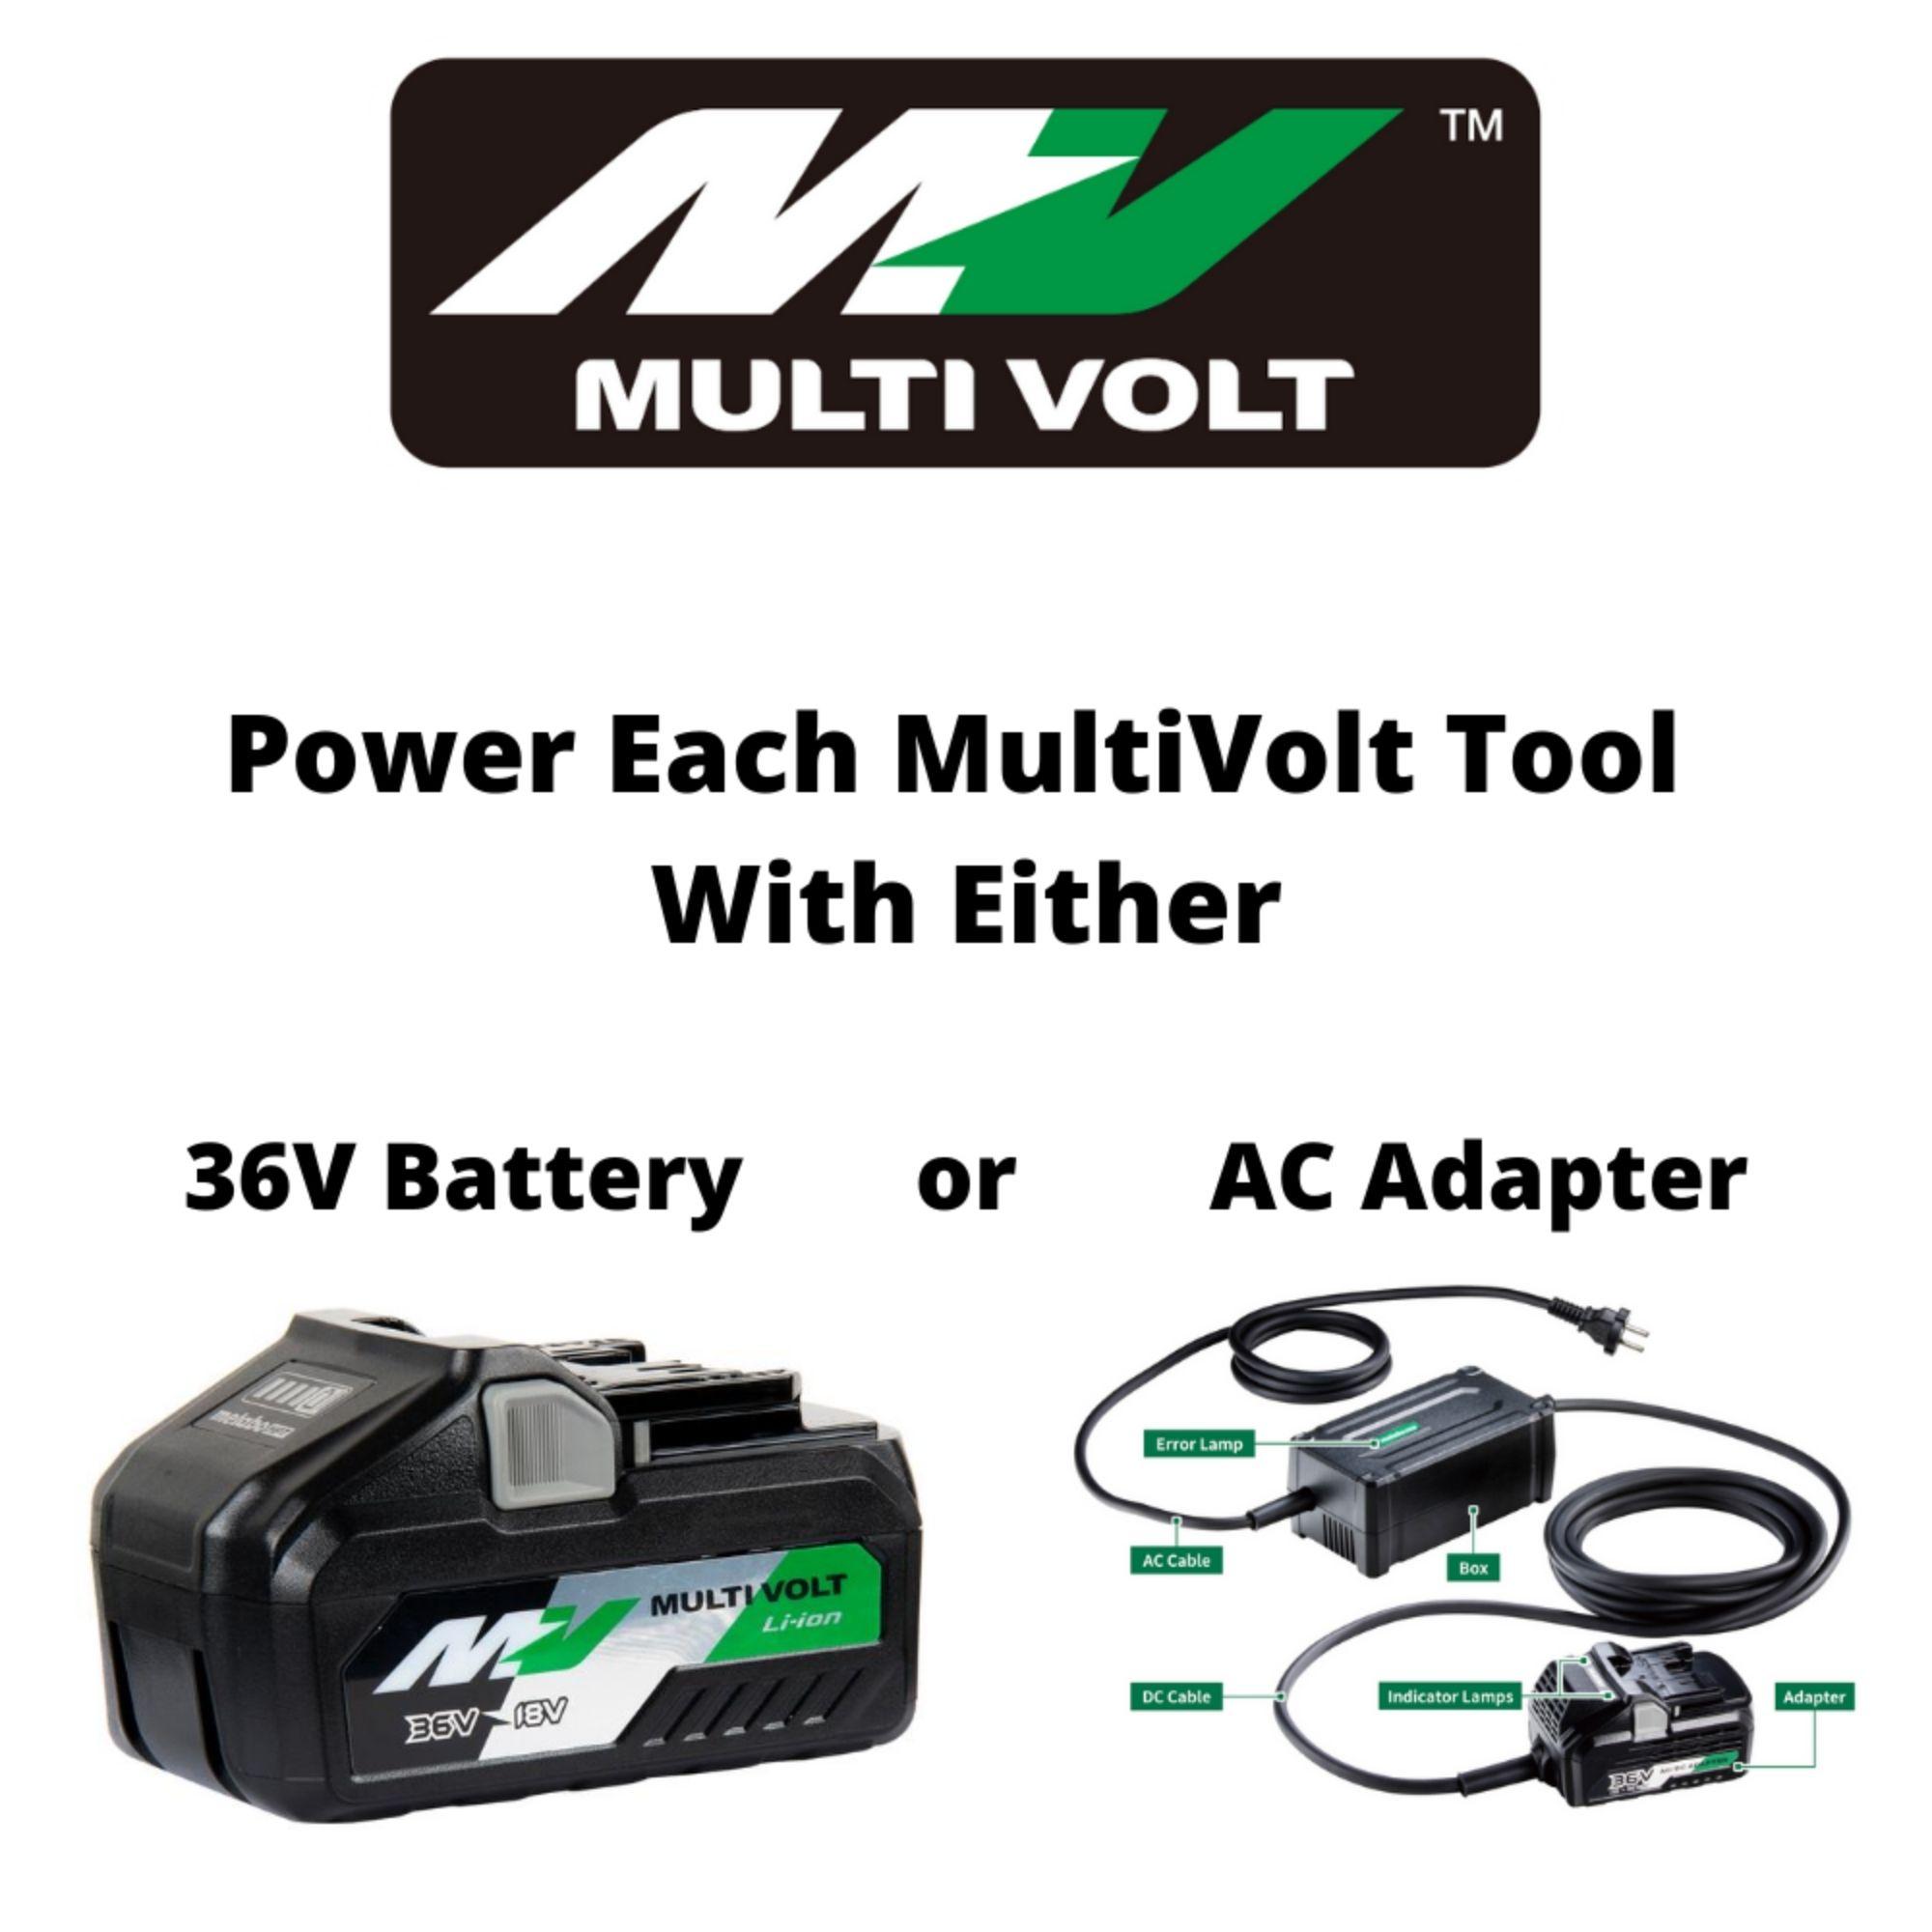 MultiVolt 2Kx2K